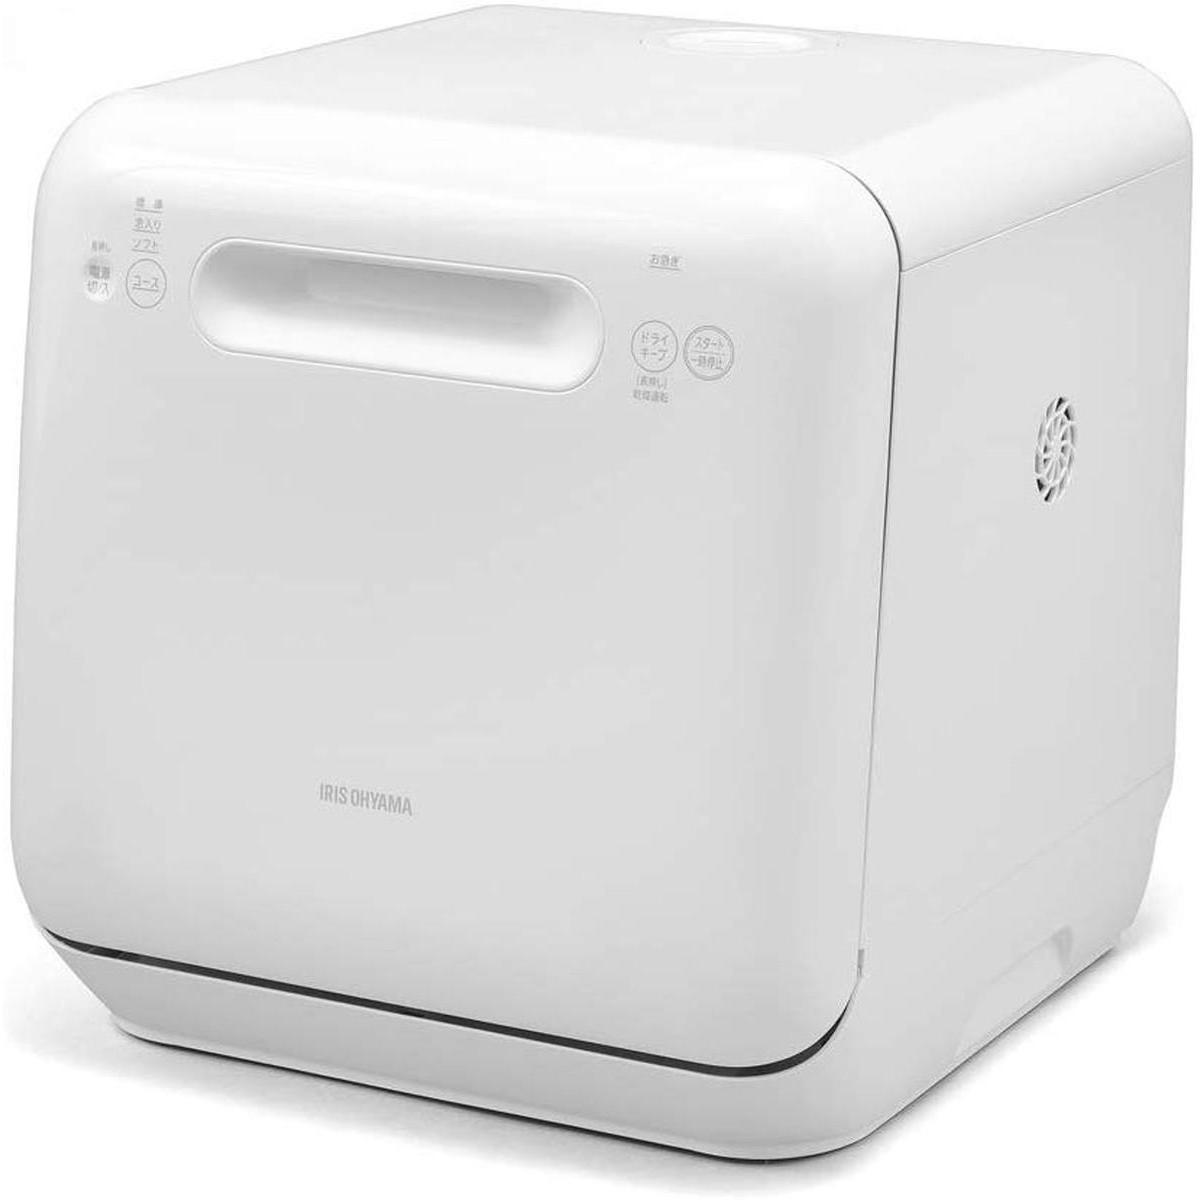 【エントリーでポイント9倍】アイリスオーヤマ 食洗機 食器洗い乾燥機 工事不要 コンパクト 上下ノズル洗浄 メーカー保証 ホワイト ISHT-5000-W【05/09 20:00~05/16 01:59】